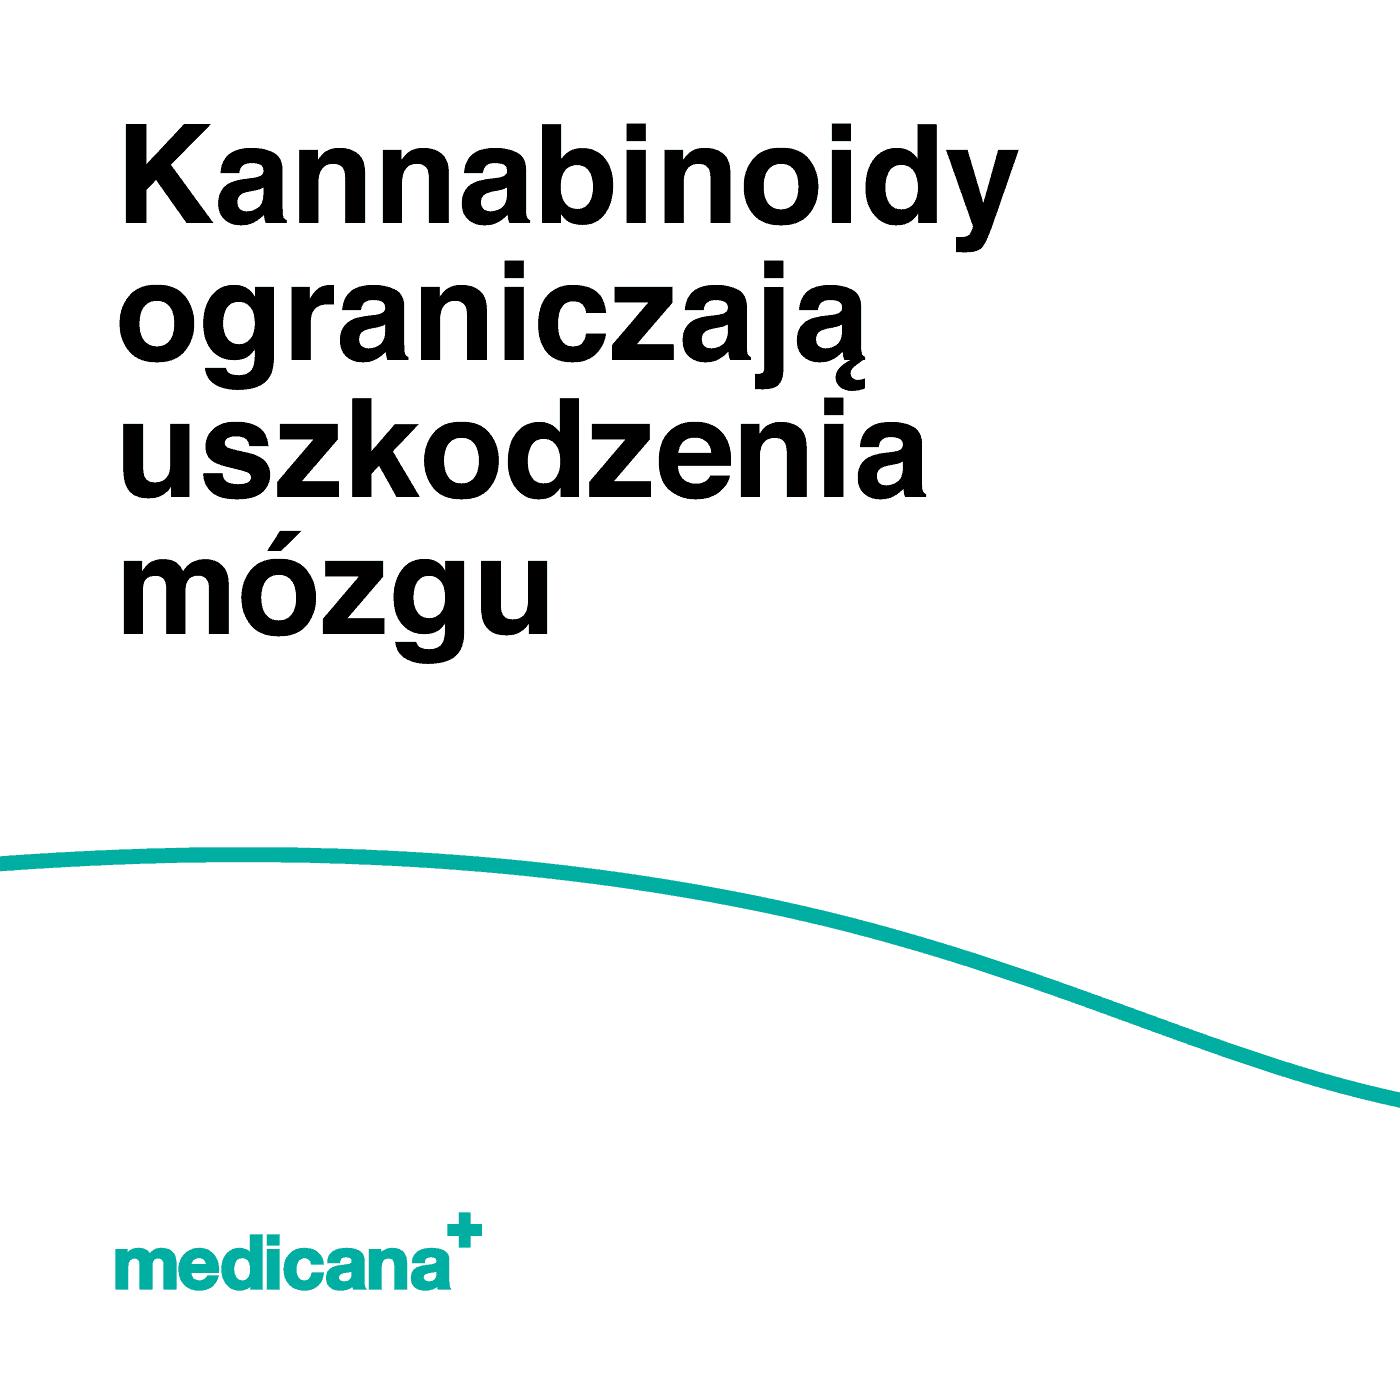 Grafika, białe tło z zieloną linią, czarnym napisem Kannabinoidy ograniczają uszkodzenia mózgu oraz zielonym logo Medicana w lewym dolnym rogu.